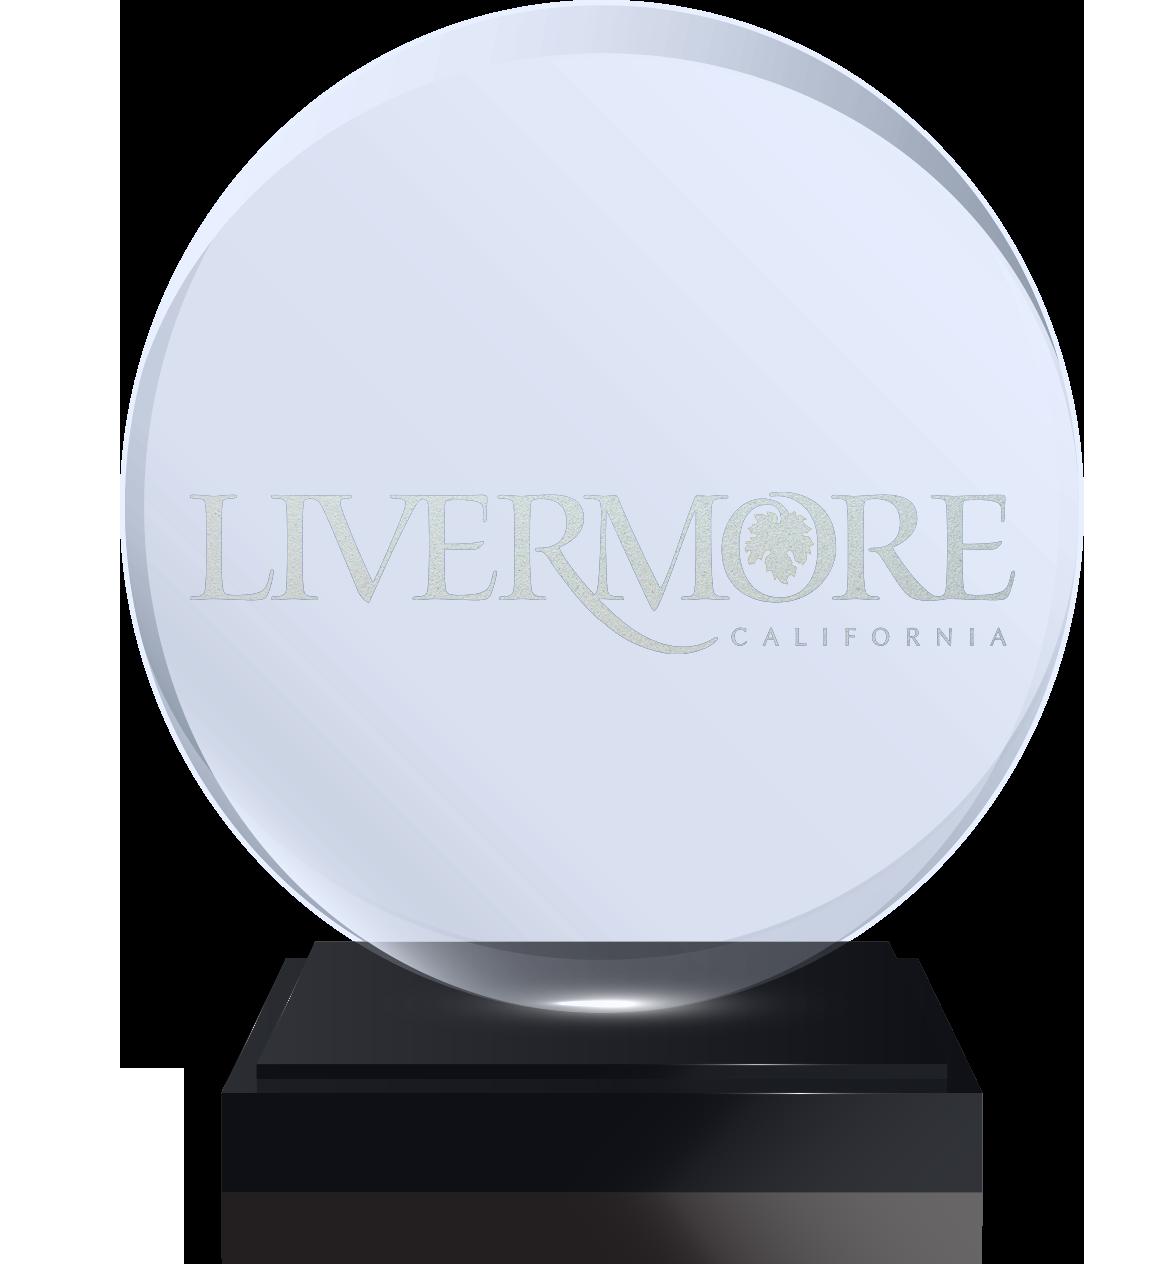 GSS-Livermore-Award